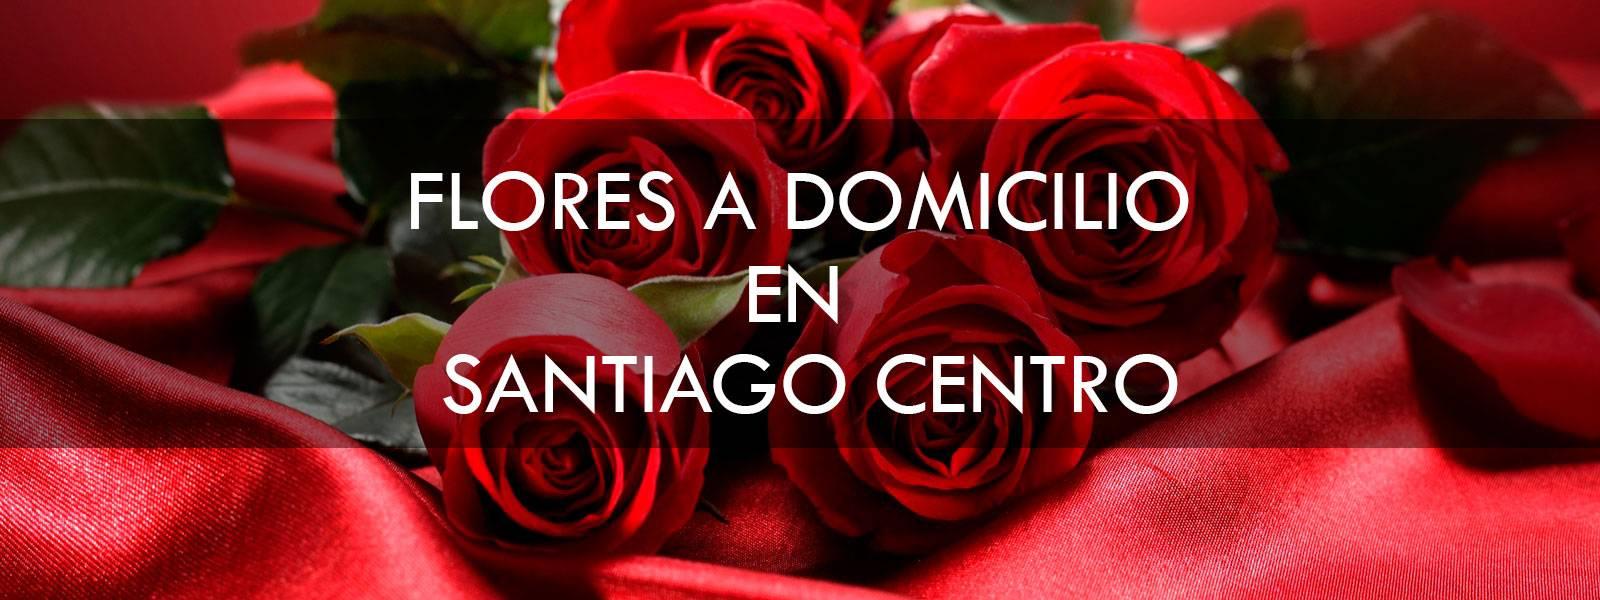 Flores a domicilio en Santiago Centro